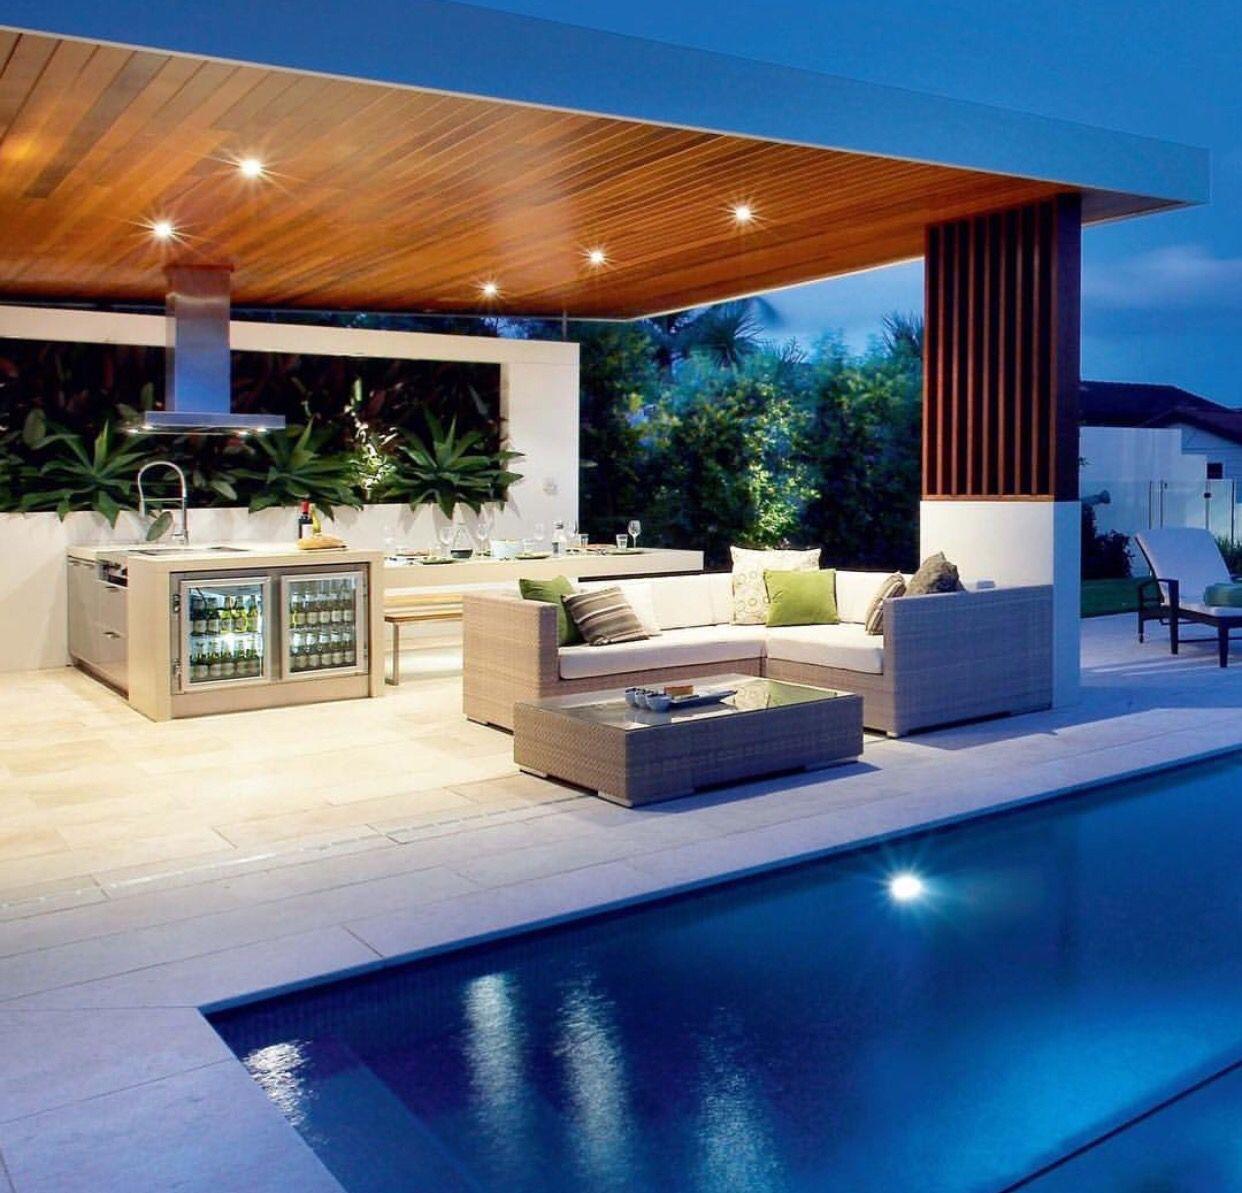 Outdoor kitchen outdoor kitchens techos para terrazas cocina exterior casas con piscina - Casa con piscina ...